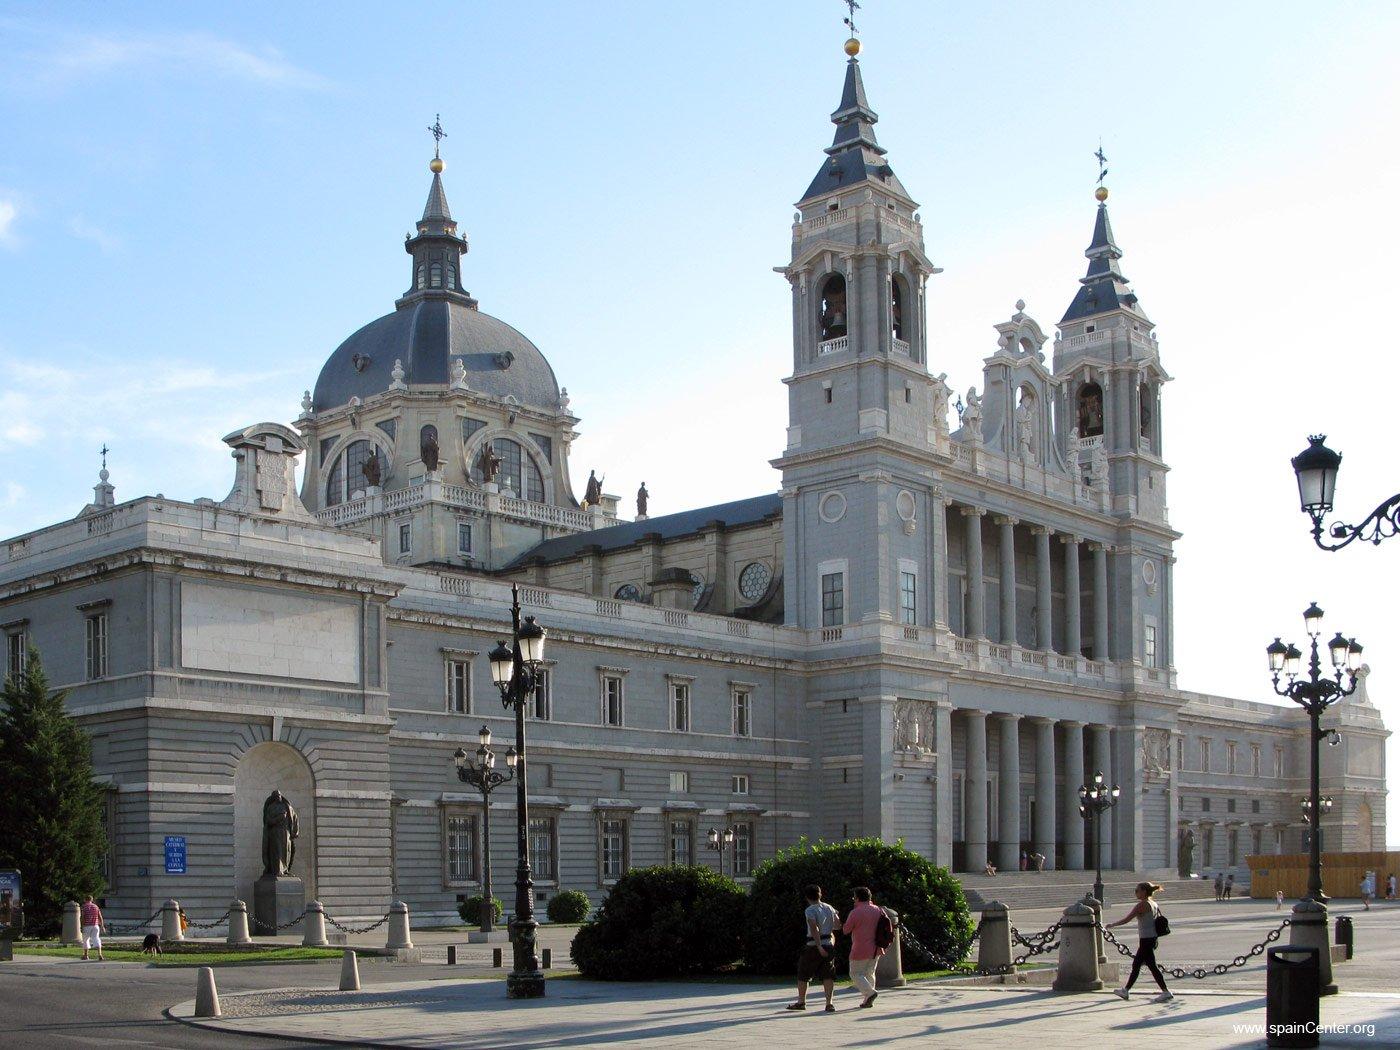 El propio Vaticano se vio obligado a aclarar que no, que no había acuerdo alguno con el Gobierno